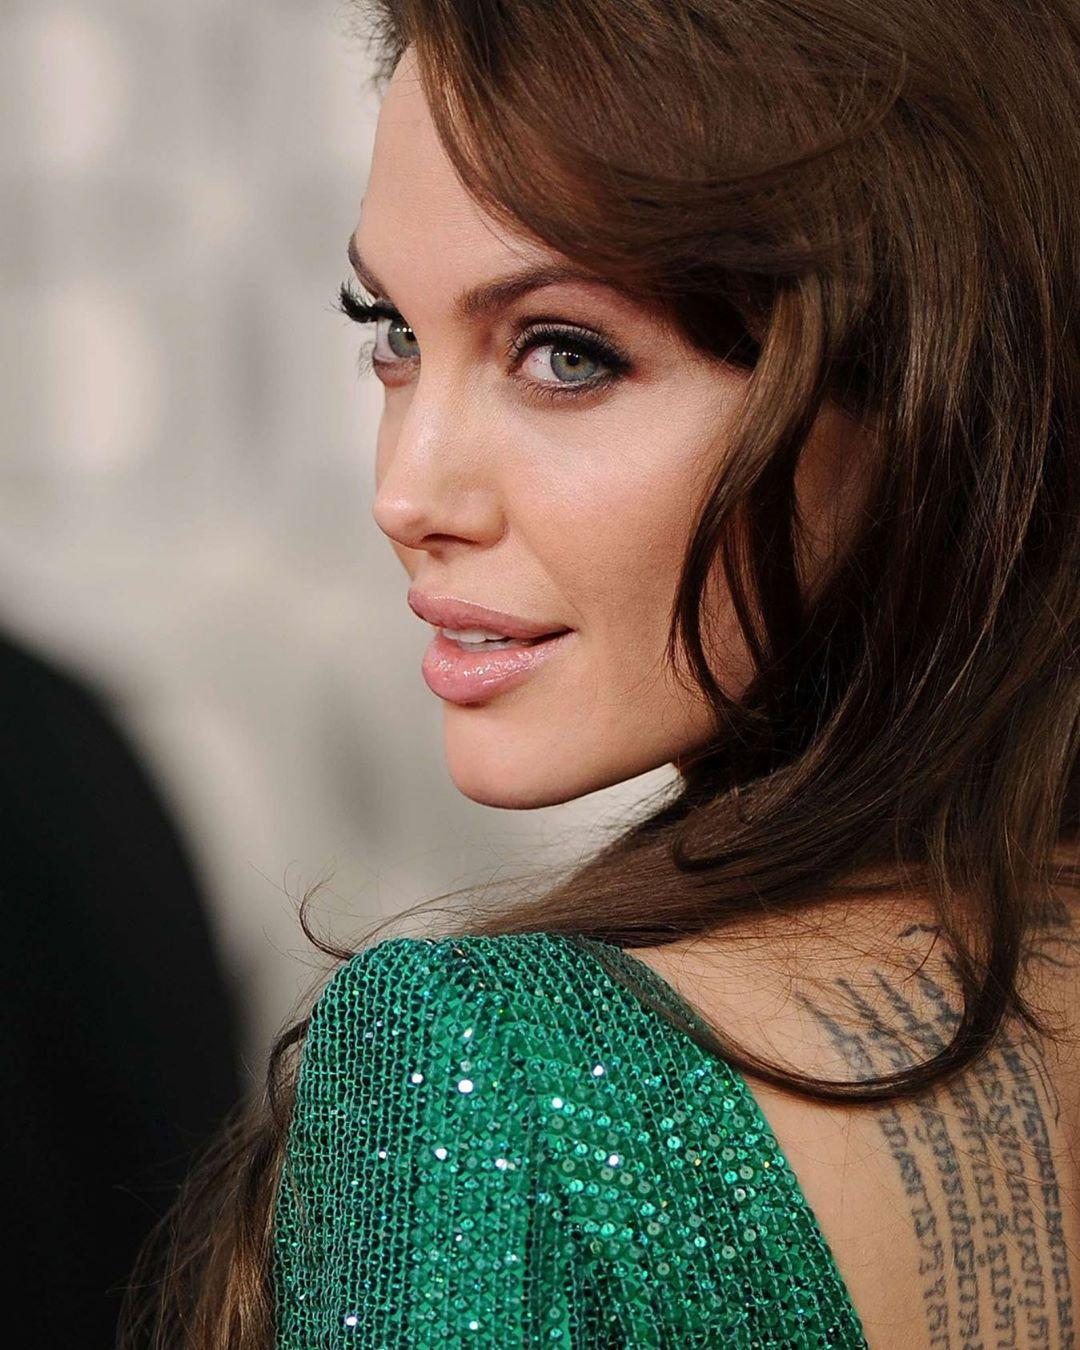 Шикарно выглядит: Анджелина Джоли появилась в модных образах во Франции